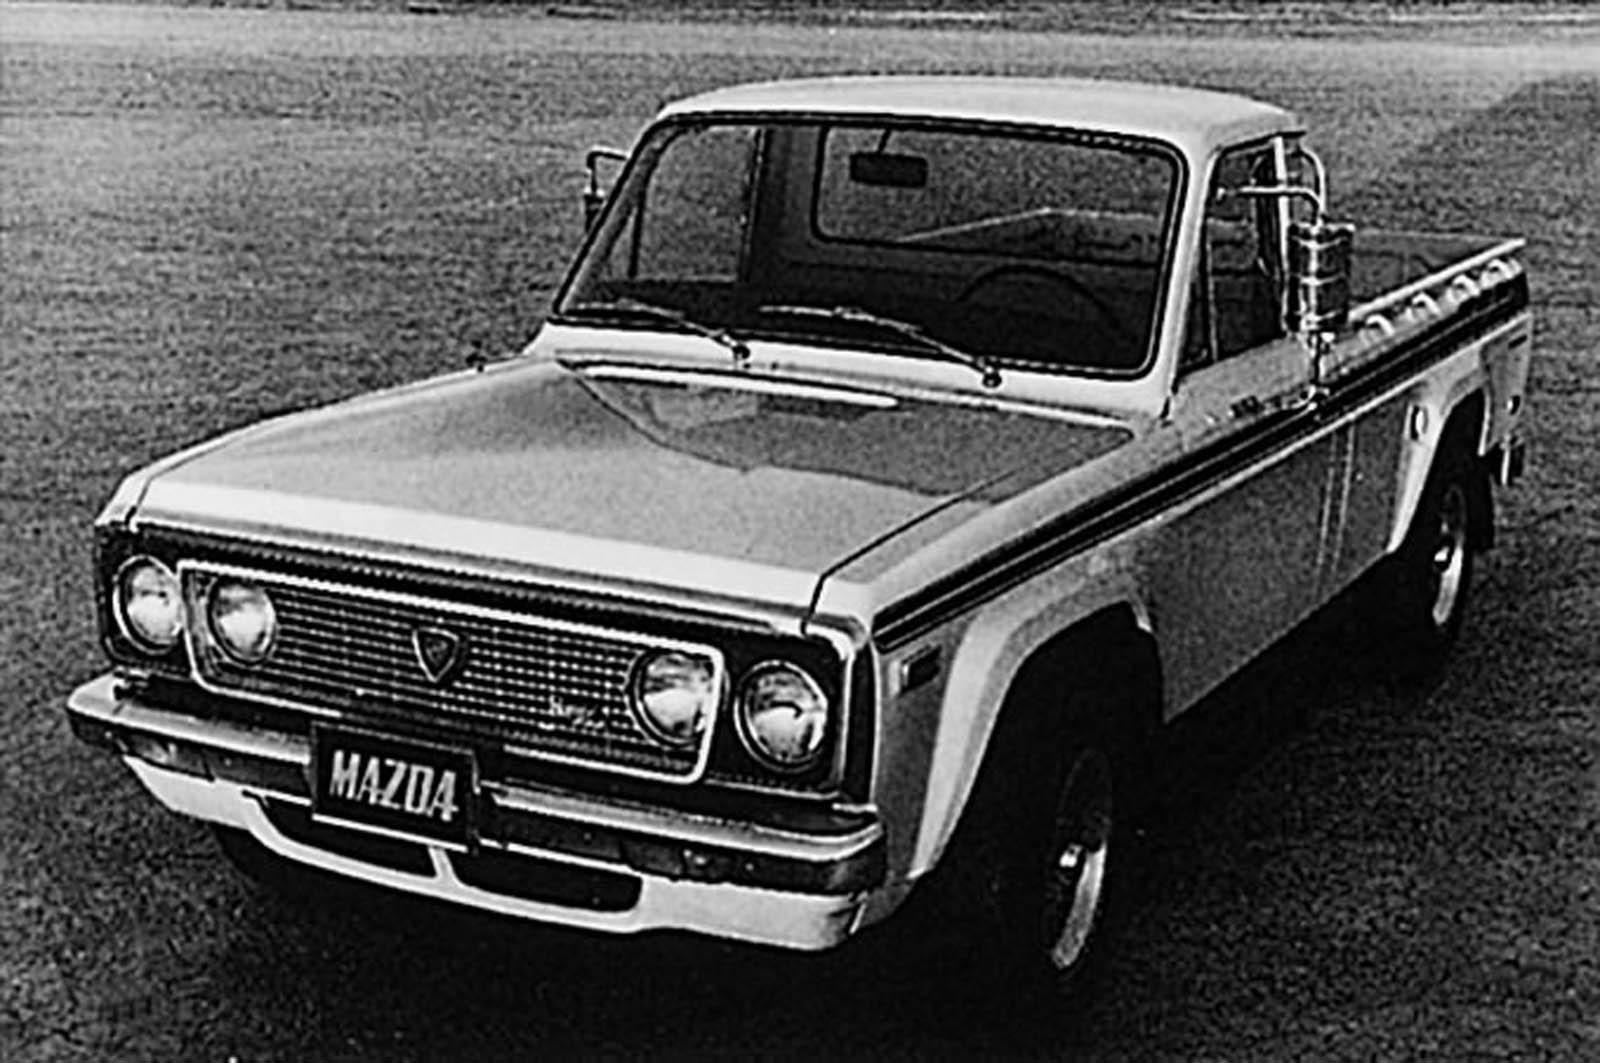 Mazda-50-years-of-rotary-p29_01